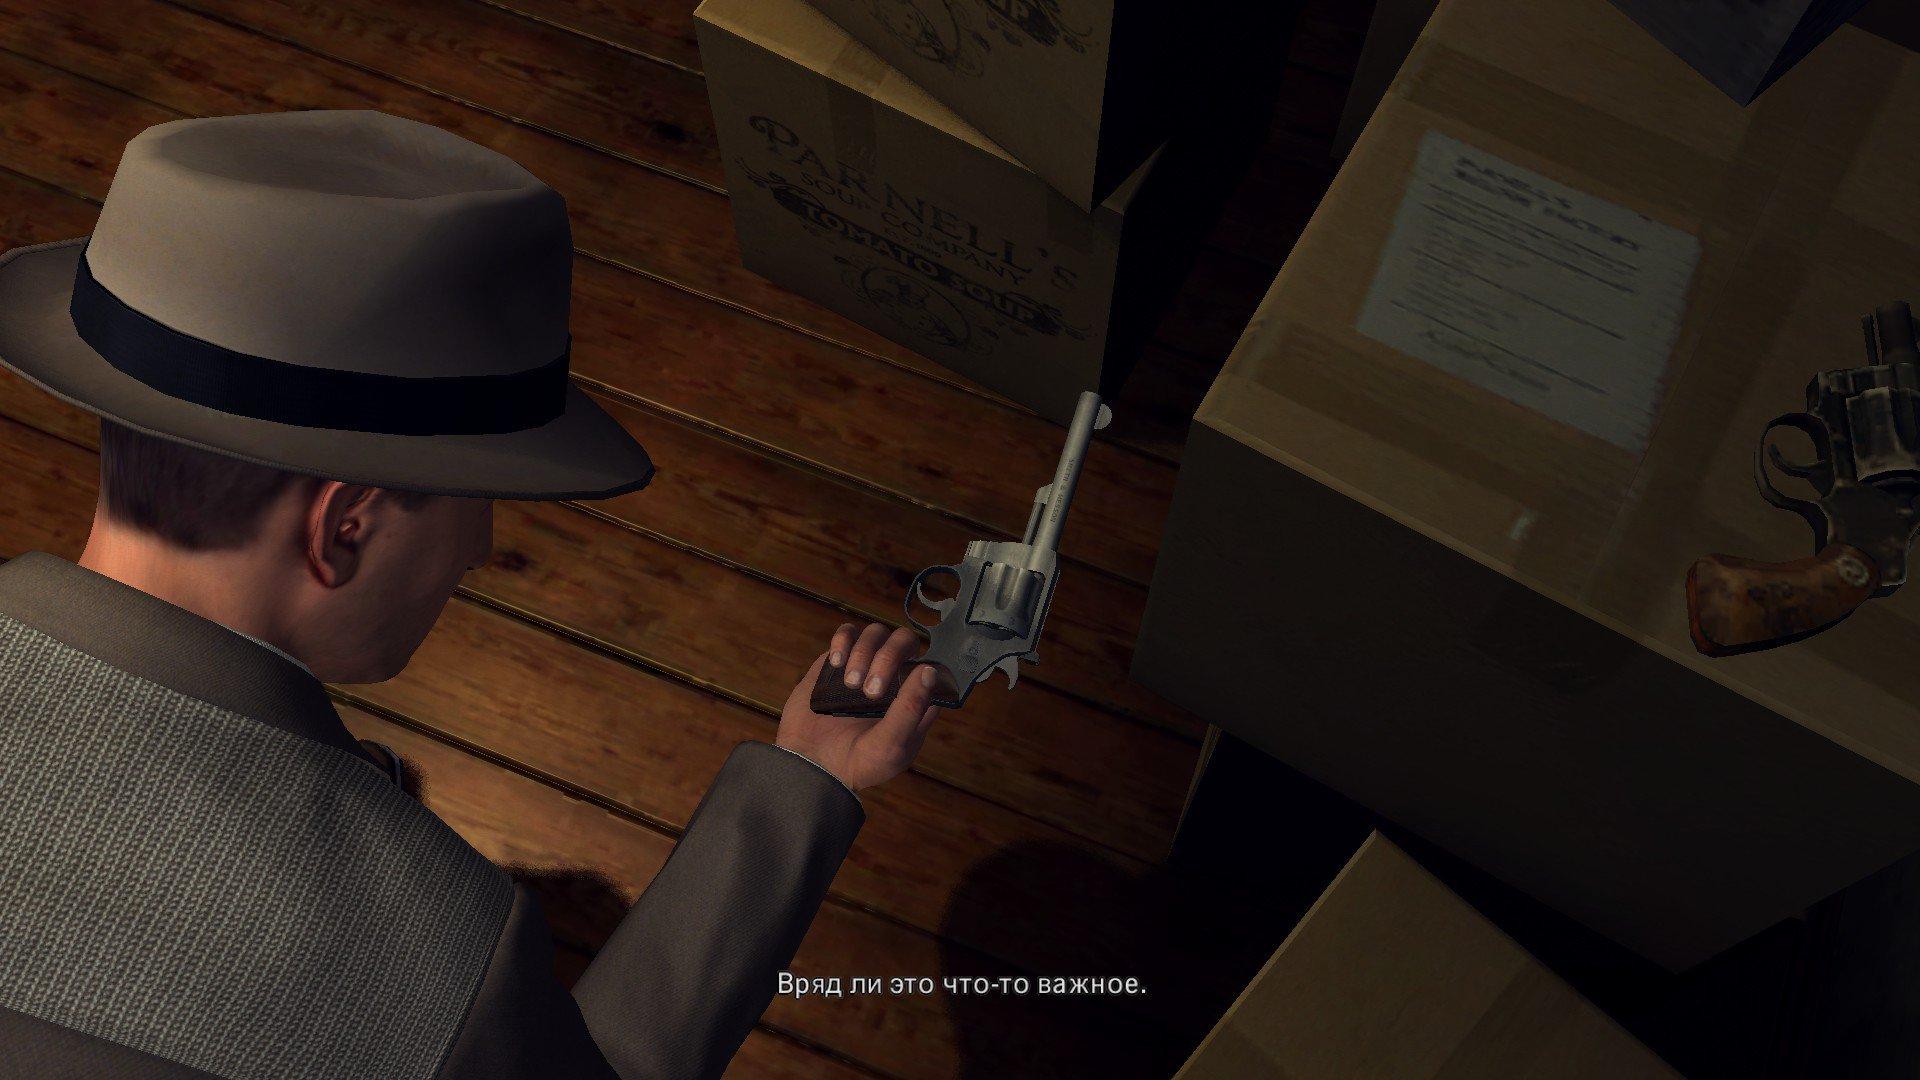 Пост-прохождение L.A. Noire Часть 15 - Изображение 20